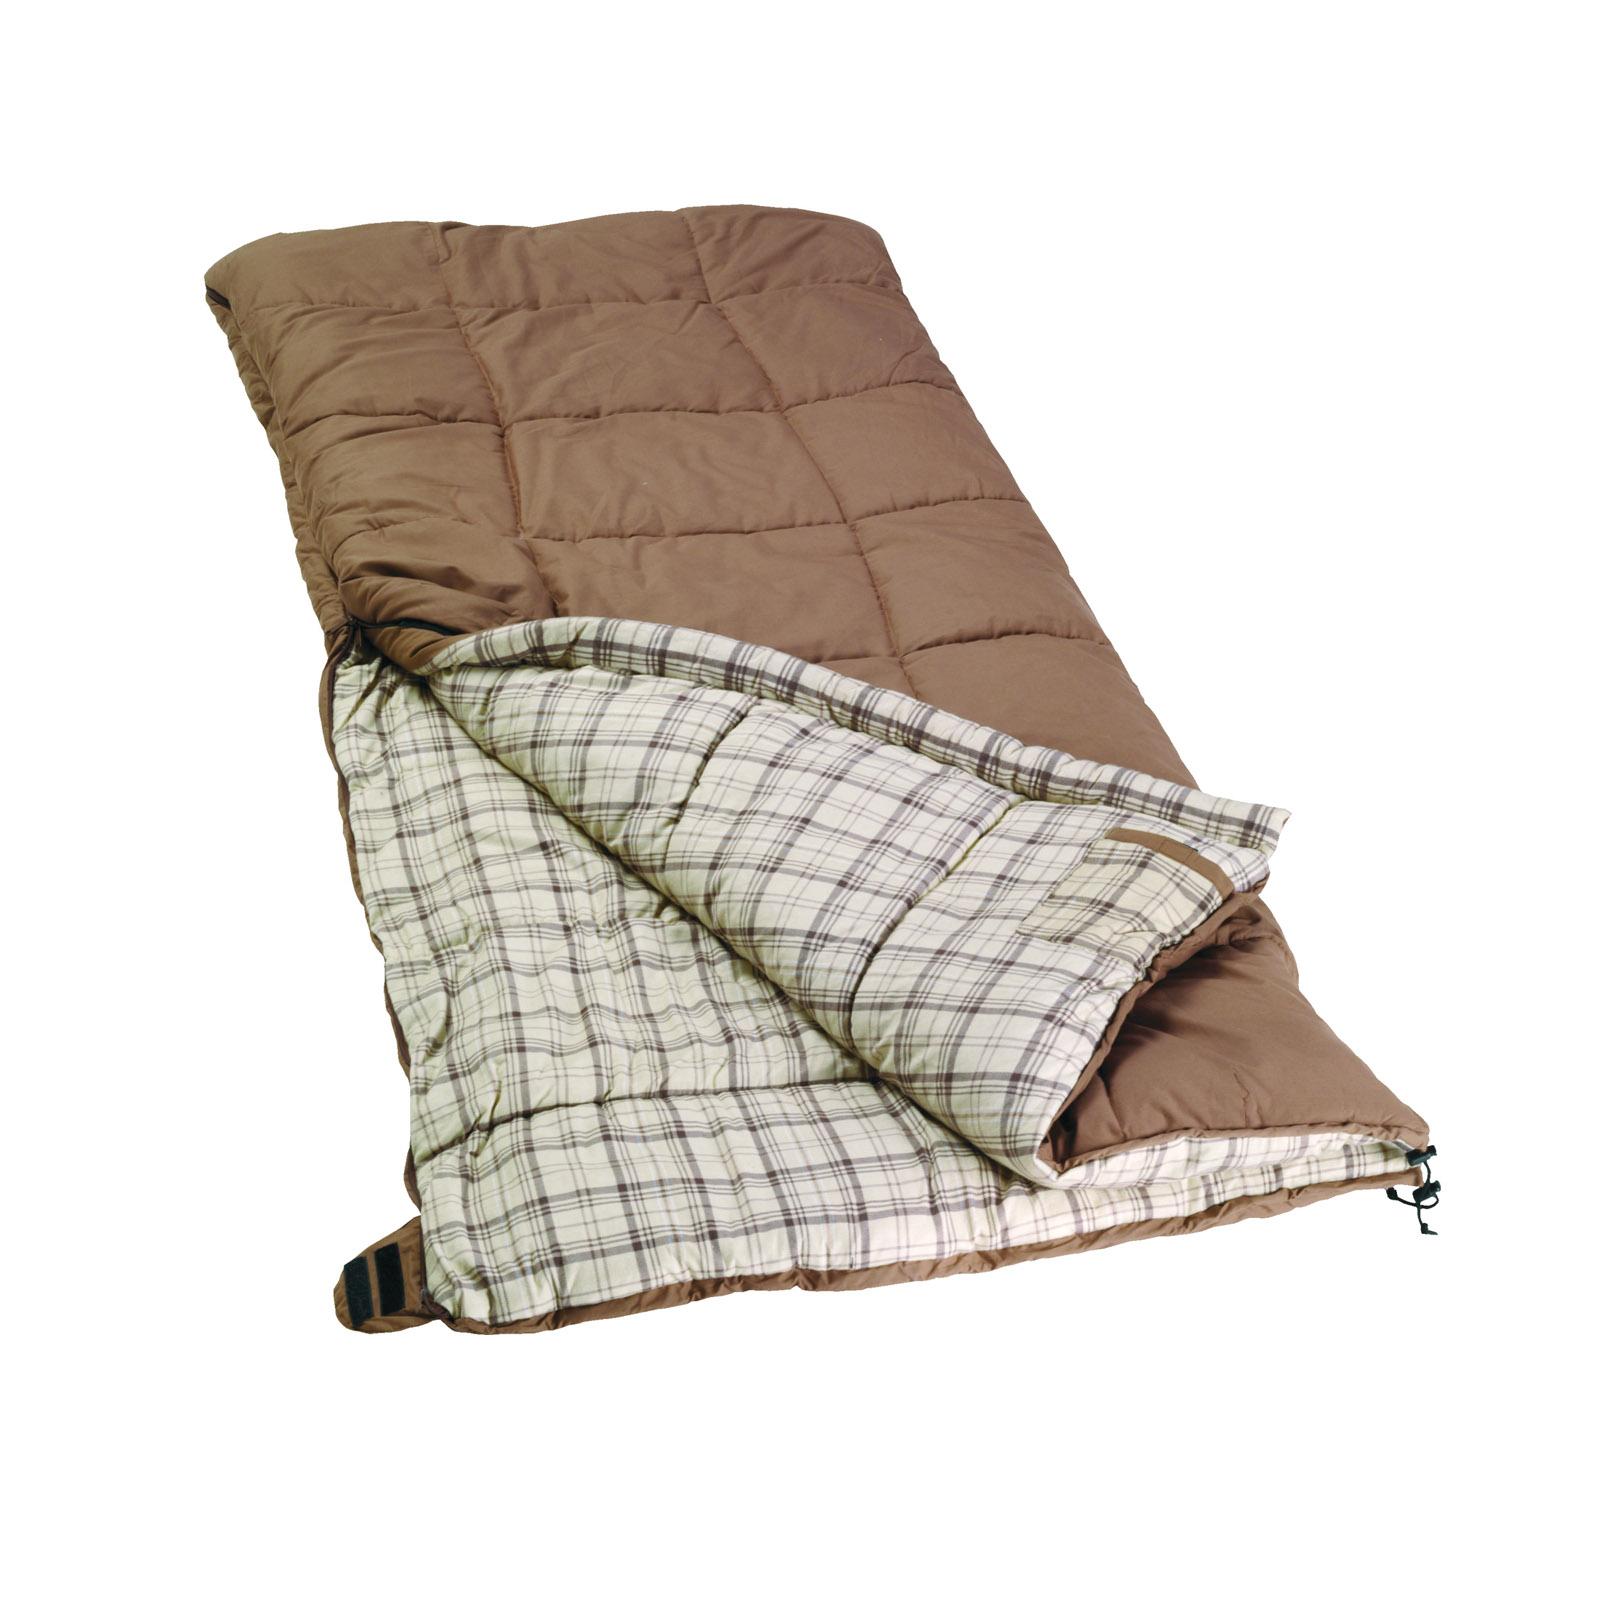 kinderschlafsack nordisk almond junior baumwoll decken. Black Bedroom Furniture Sets. Home Design Ideas